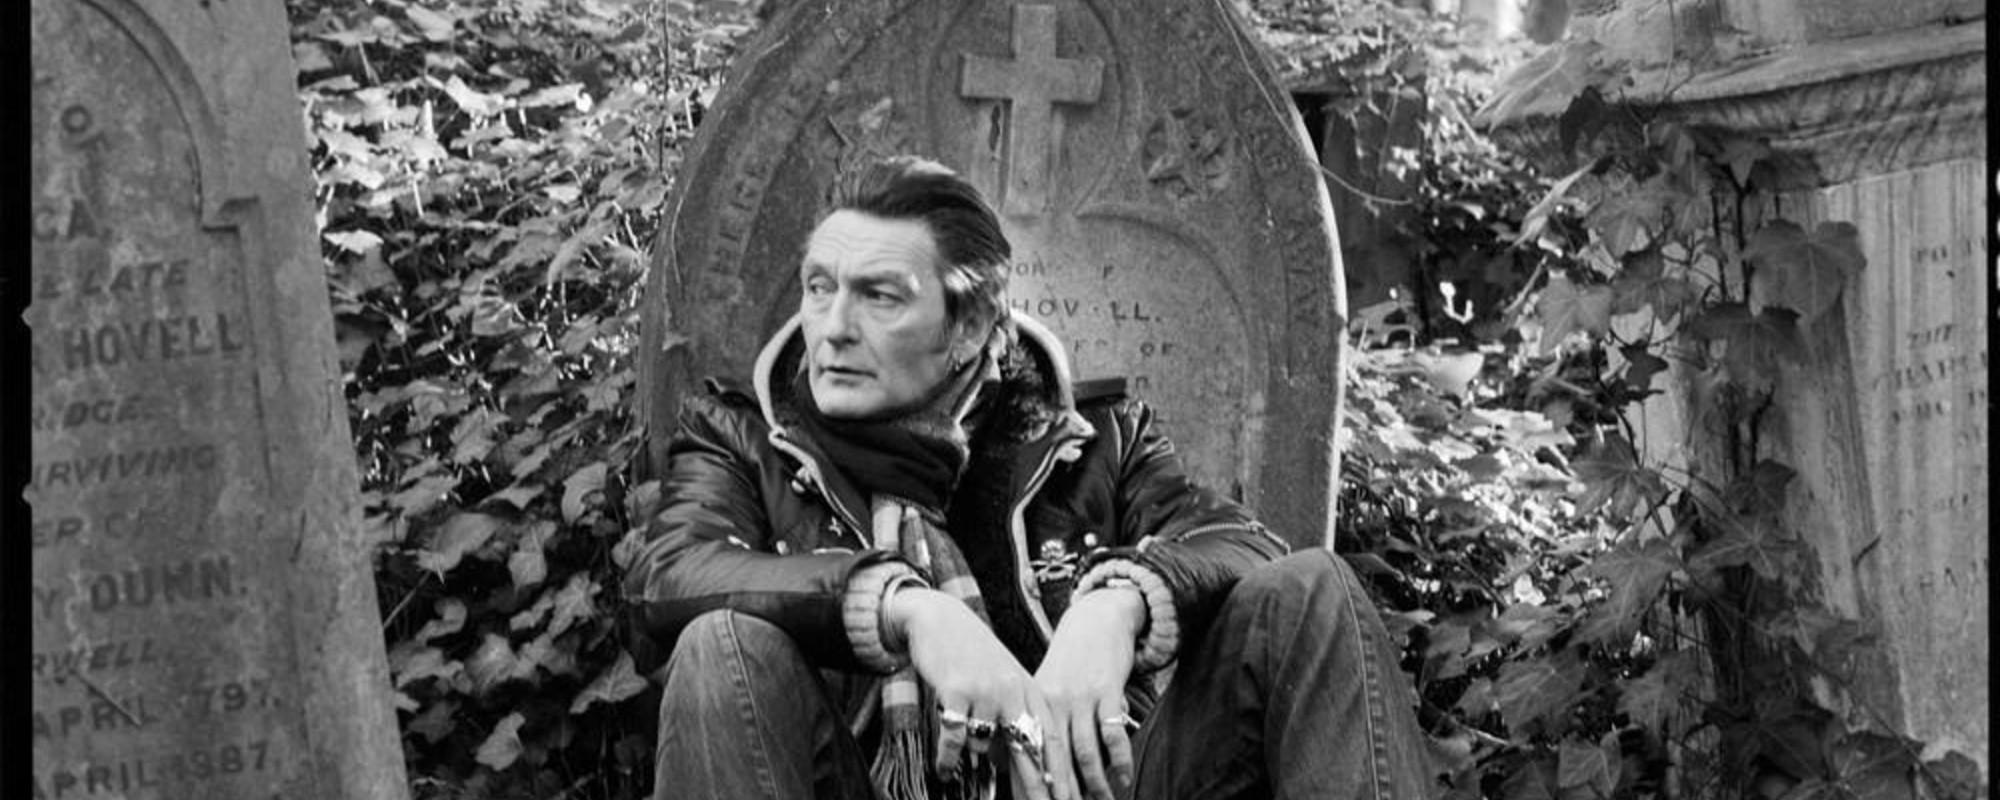 Fotos de trabajadores de los cementerios de Londres